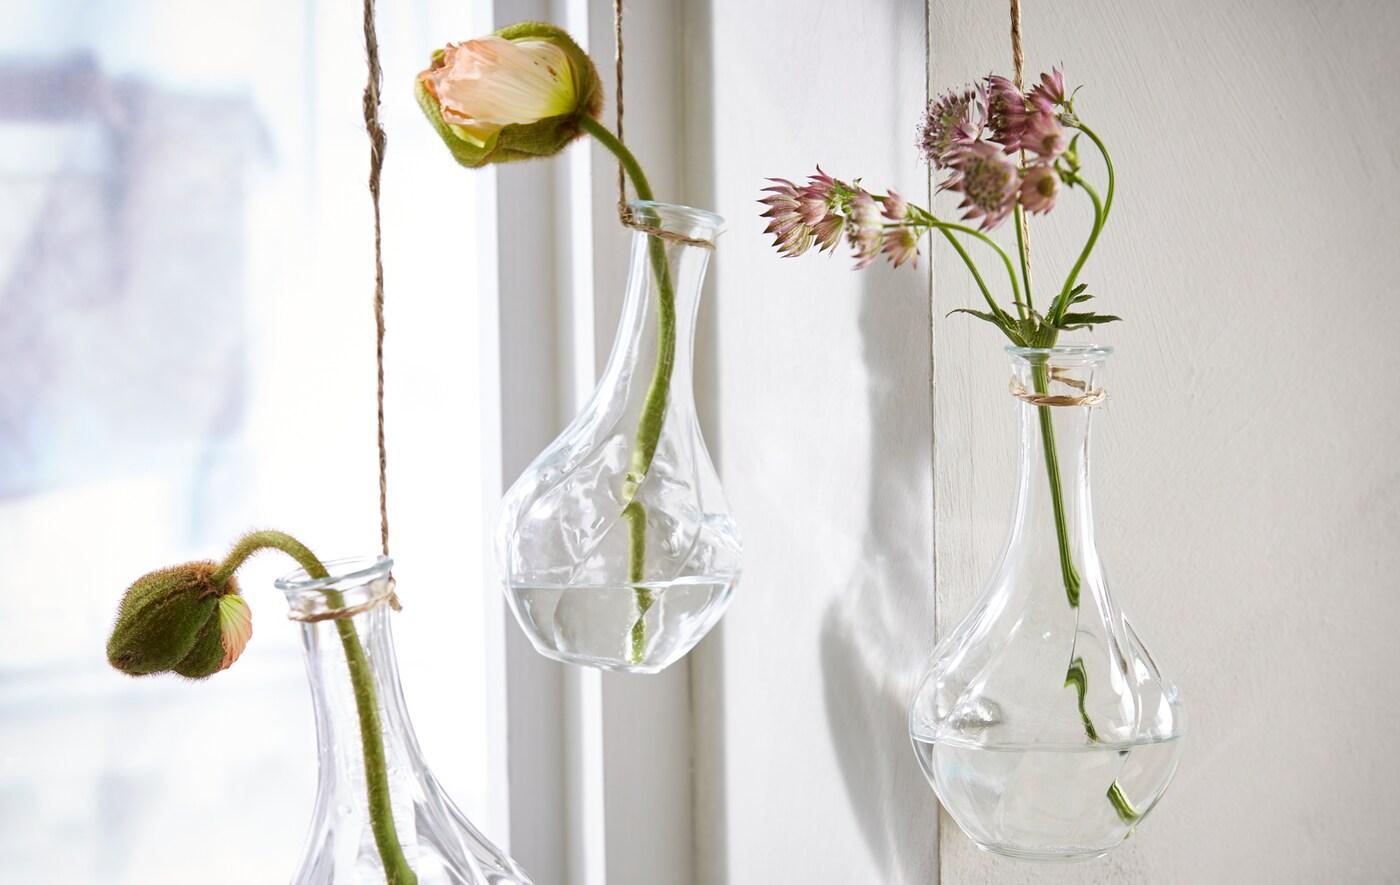 Créez une nature morte aux couleurs changeantes en remplissant une boîte vitrée de boutons de fleurs coupées et en les laissant sécher. IKEA a la boîte qu'il vous faut pour cela: KASSEBY.